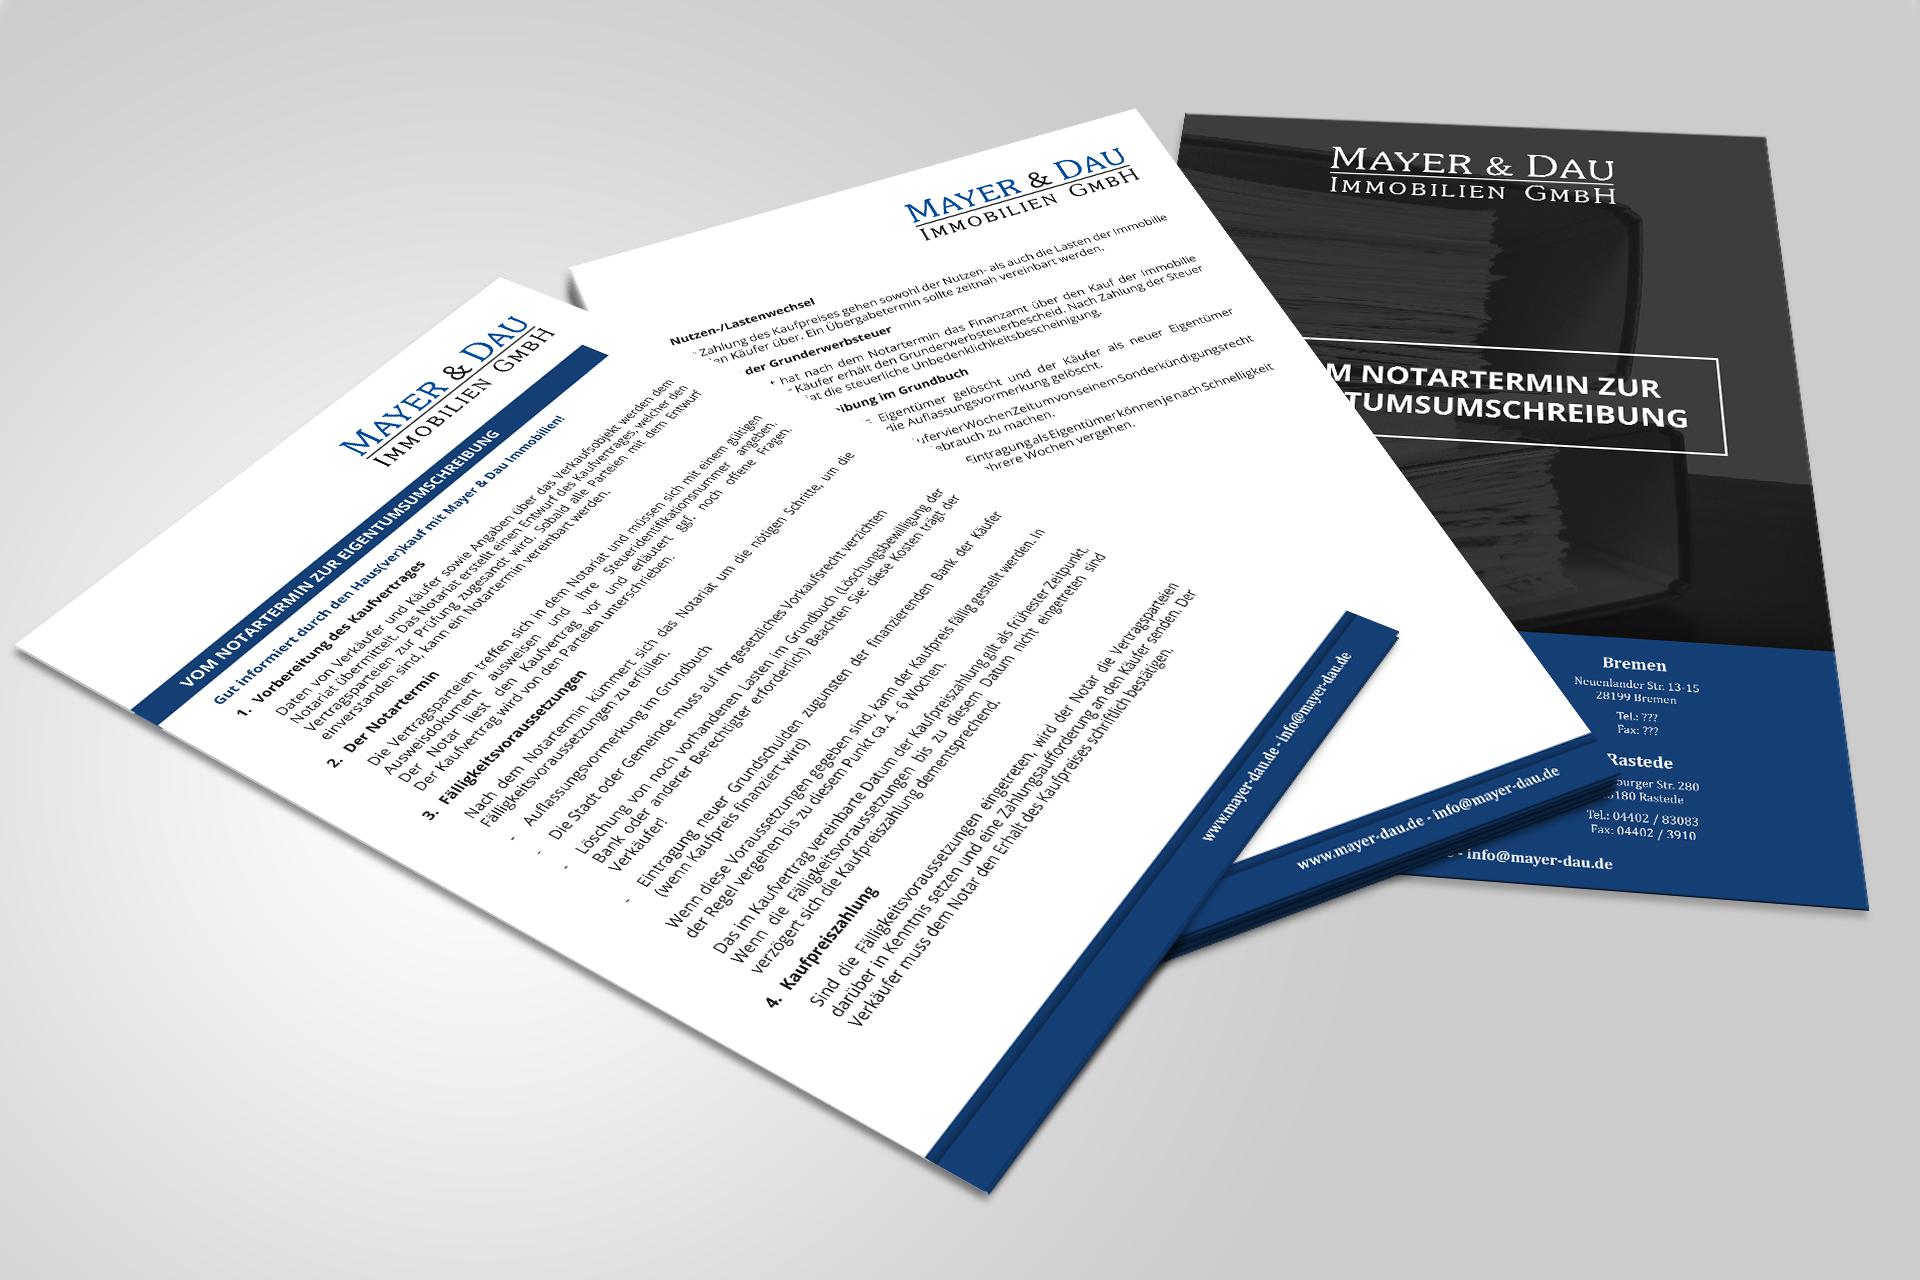 M&D_Vom_Notartermin_zur_Eigentumsumschreibung